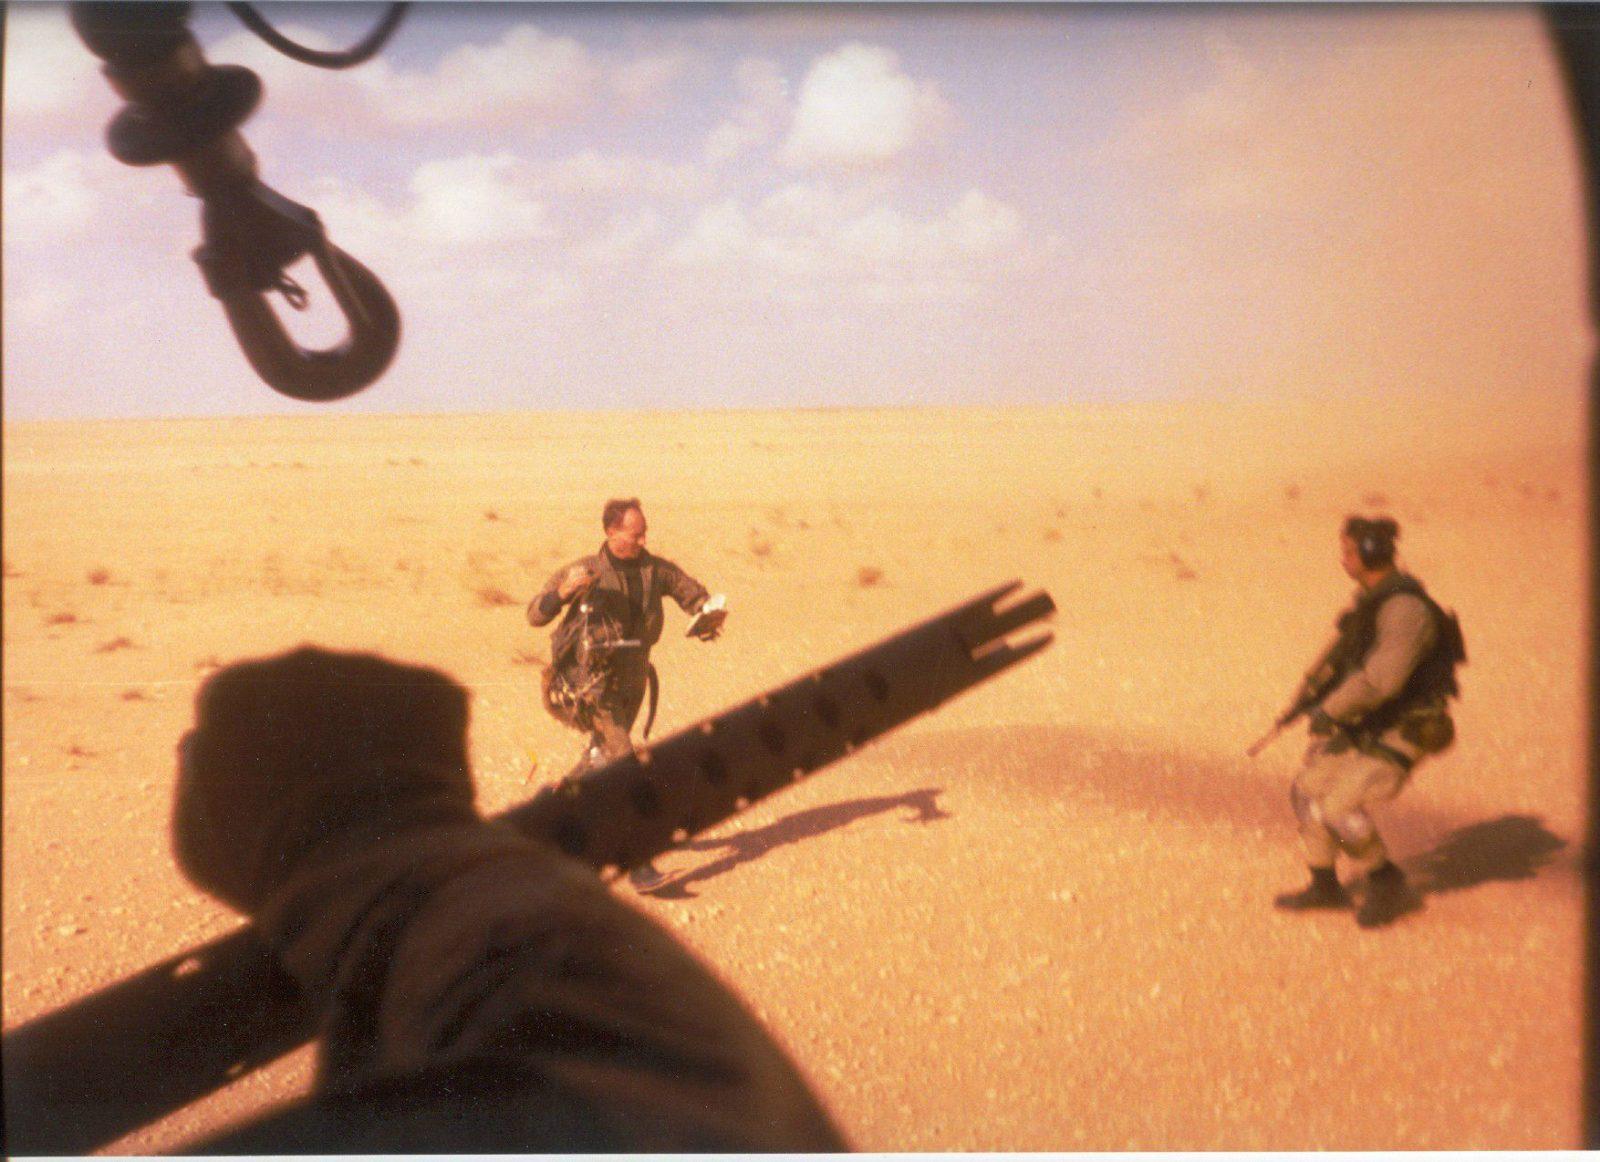 Lt. Devon Jones rescue in iraq